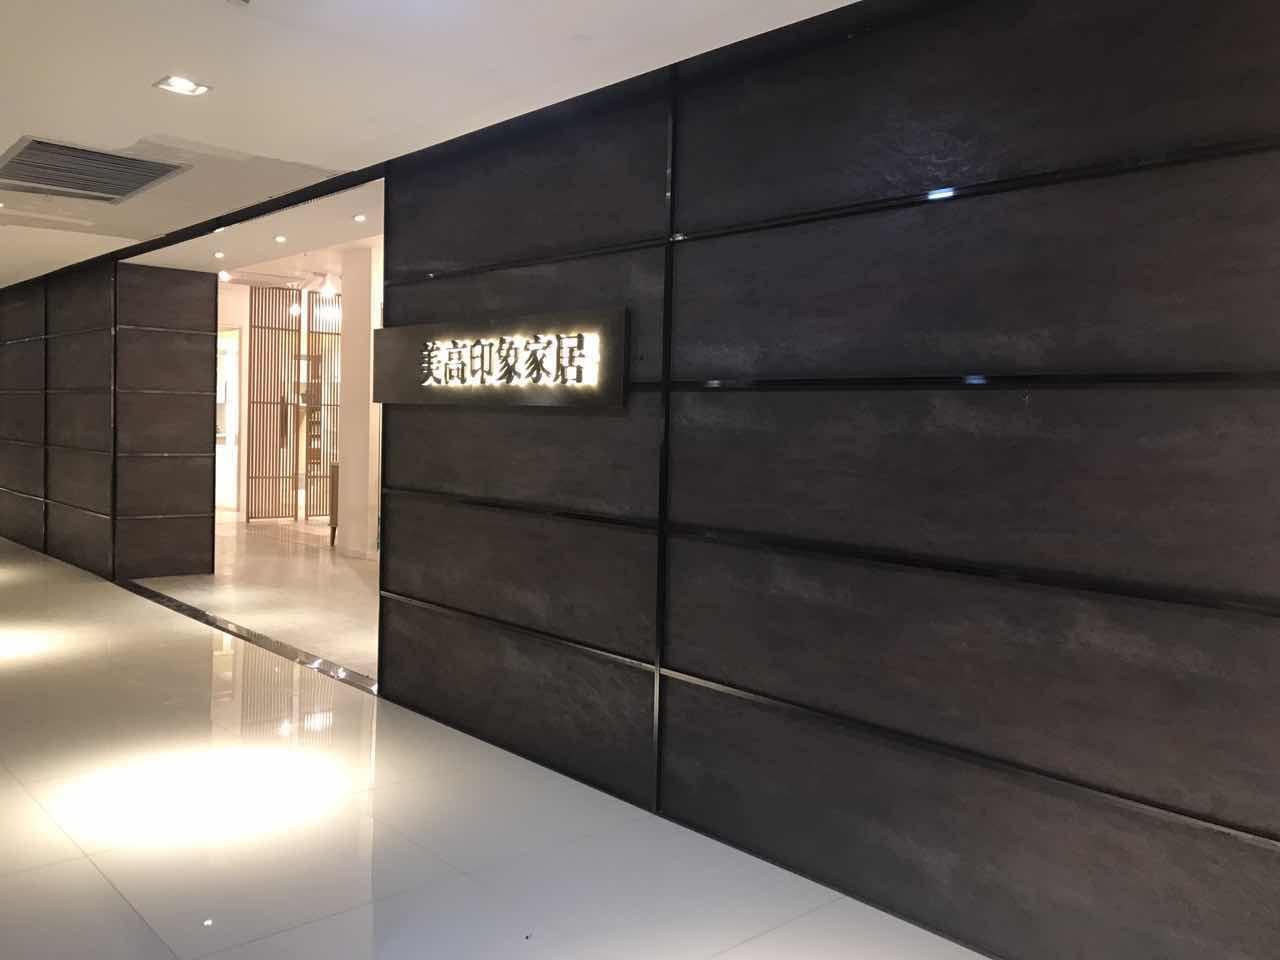 杭州专卖店门头